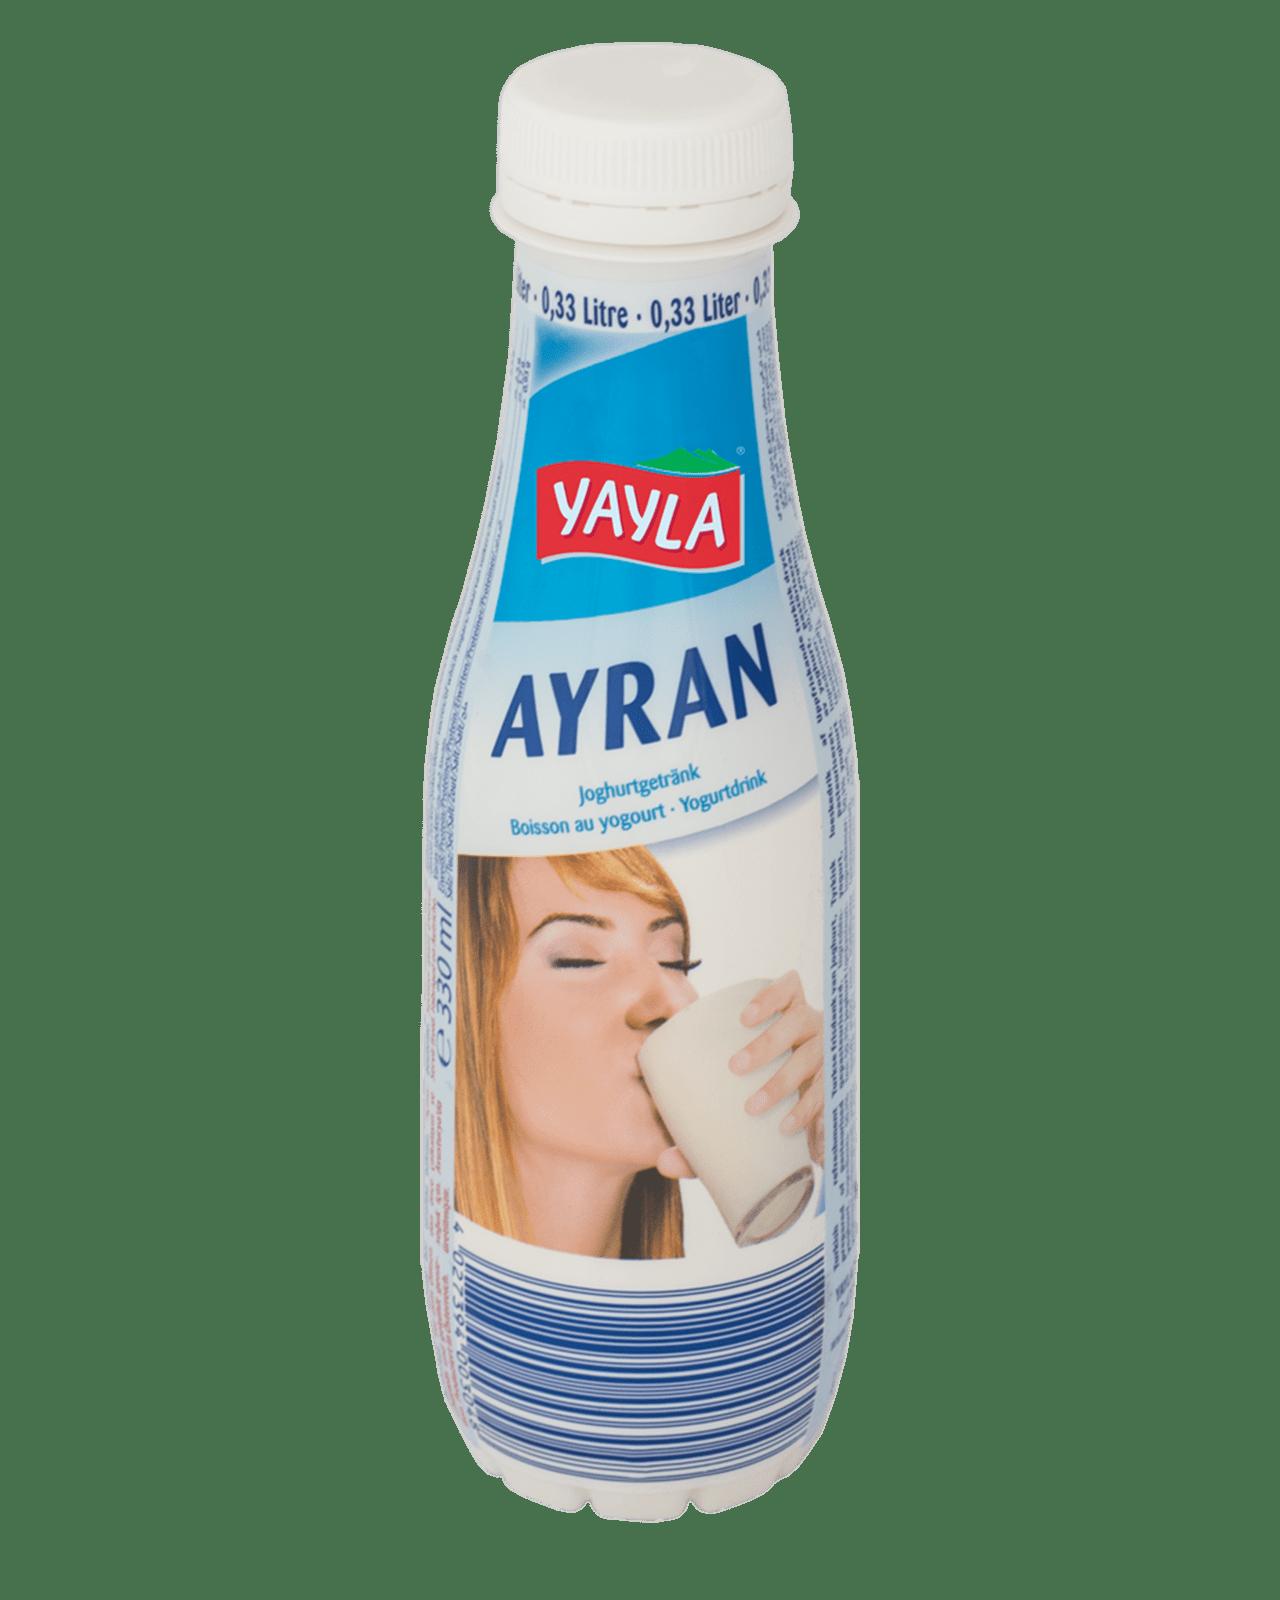 Yayla Ayran / Ayran-Joghurtgetränk 330ml